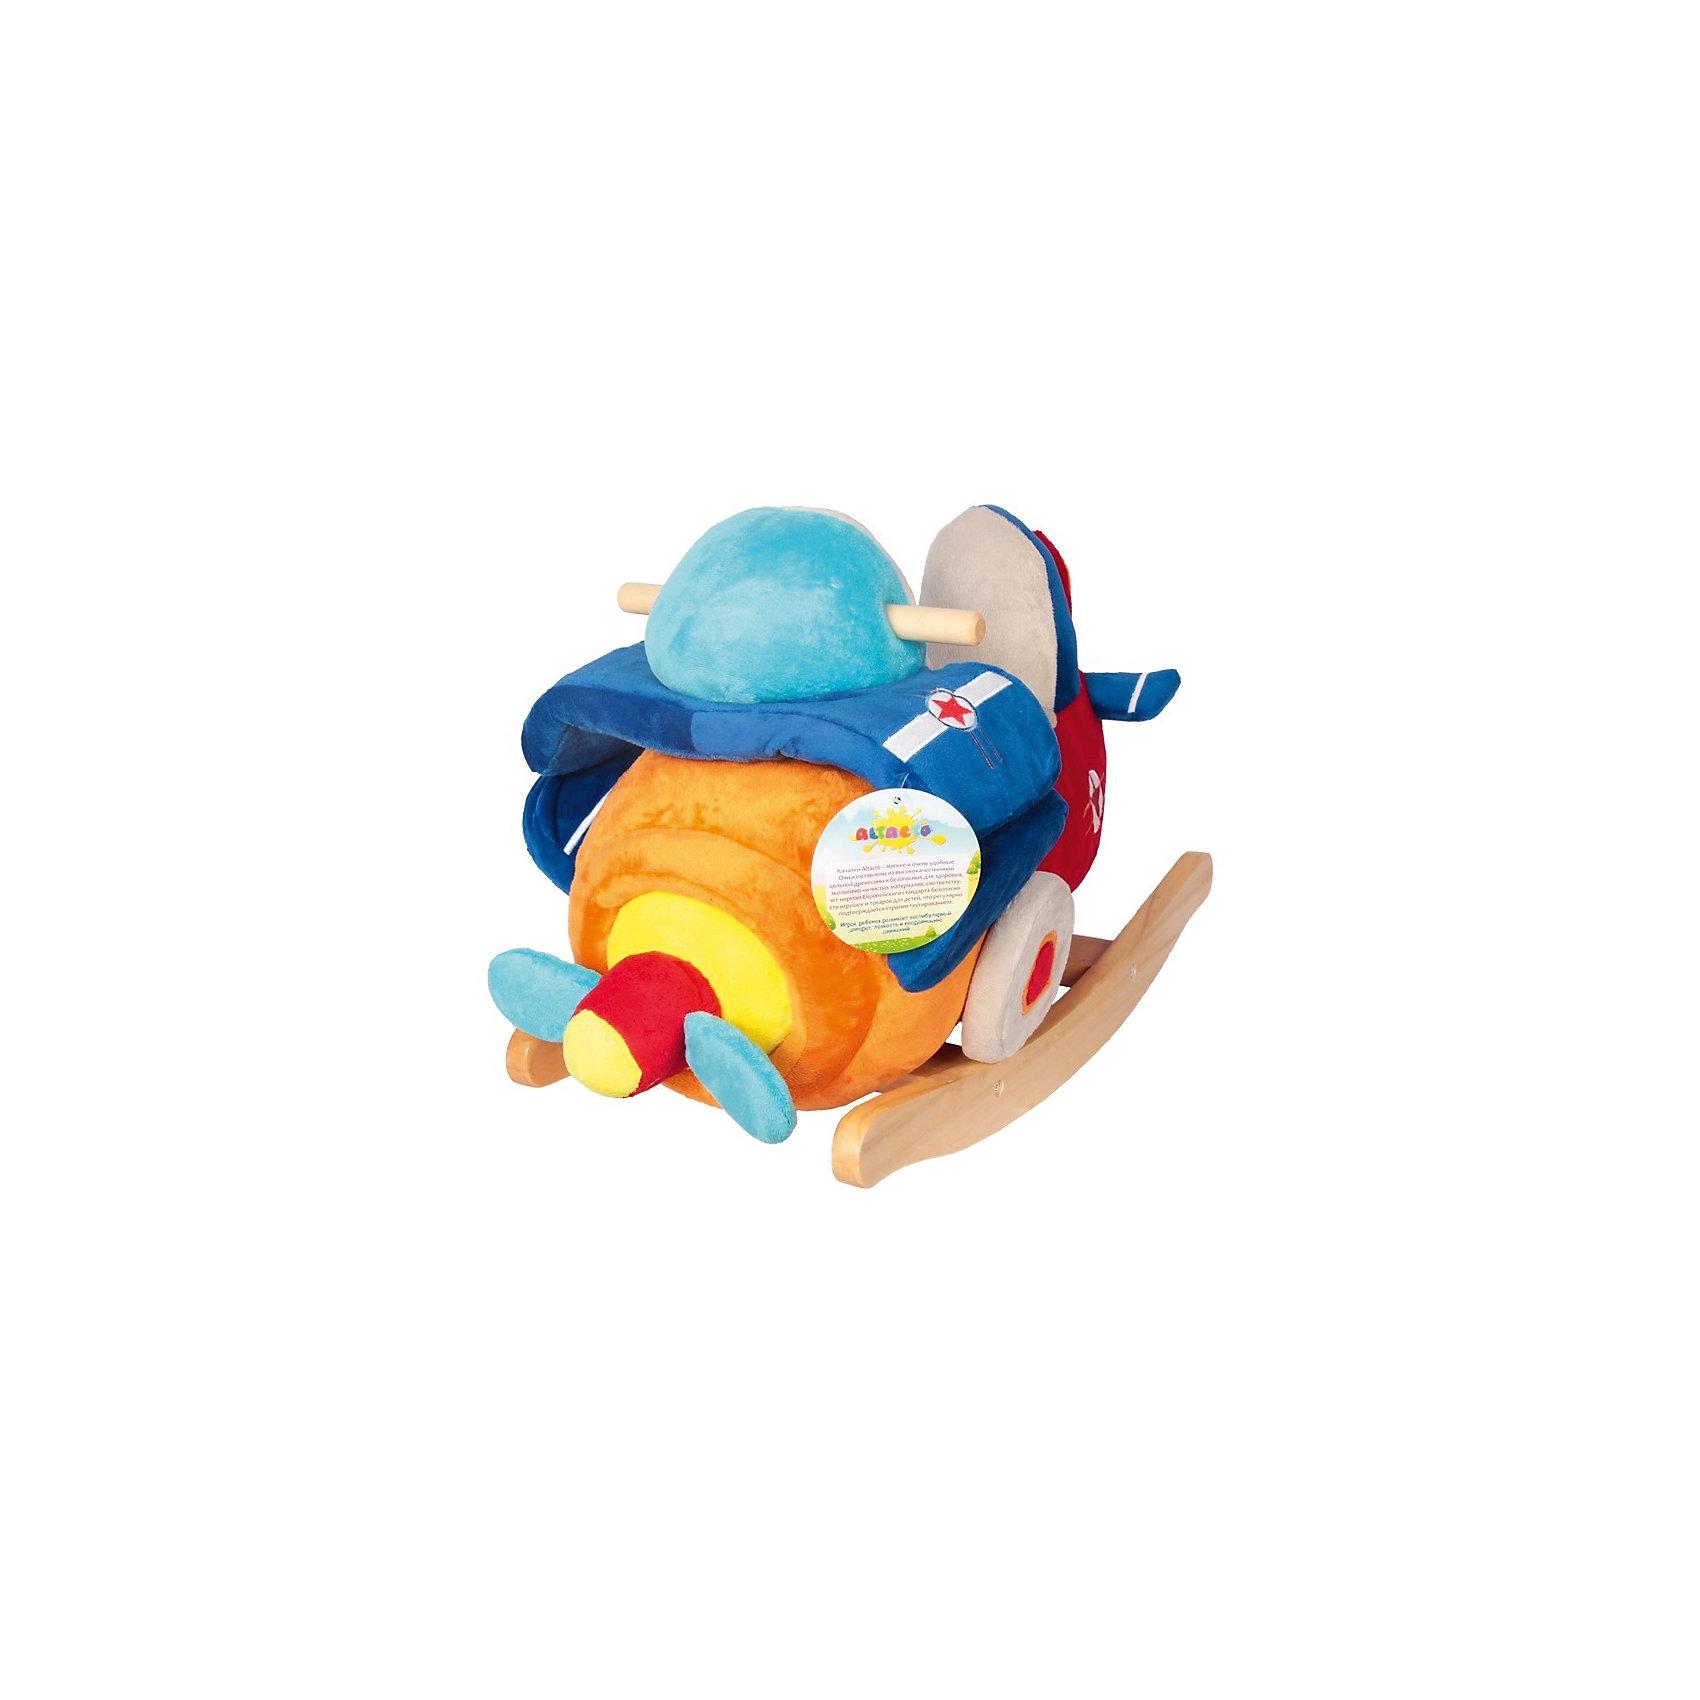 Качалка Самолётик, AltactoКачалка Altacto выглядит как настоящий летательный аппарат: у него есть пропеллер, крылья, шасси, деревянные ручки и удобное сиденье со спинкой для маленького пилота. <br><br>Самолётик яркий и красивый, выполнен из мягких, приятных на ощупь материалов. На носу игрушки расположена специальная кнопка, с помощью которой можно включать и выключать весёлую песенку.<br><br>Это не только интересная игрушка, но и тренажёр для вестибулярного аппарата. Когда ребёнок качается, у него развиваются координация движения и ловкость. Сидя на самолётике, ребёнок может смотреть мультфильмы или кушать. <br><br>Работает от батареек (идут в комплекте).<br><br>Ширина мм: 620<br>Глубина мм: 295<br>Высота мм: 440<br>Вес г: 4100<br>Возраст от месяцев: 12<br>Возраст до месяцев: 36<br>Пол: Унисекс<br>Возраст: Детский<br>SKU: 4779835